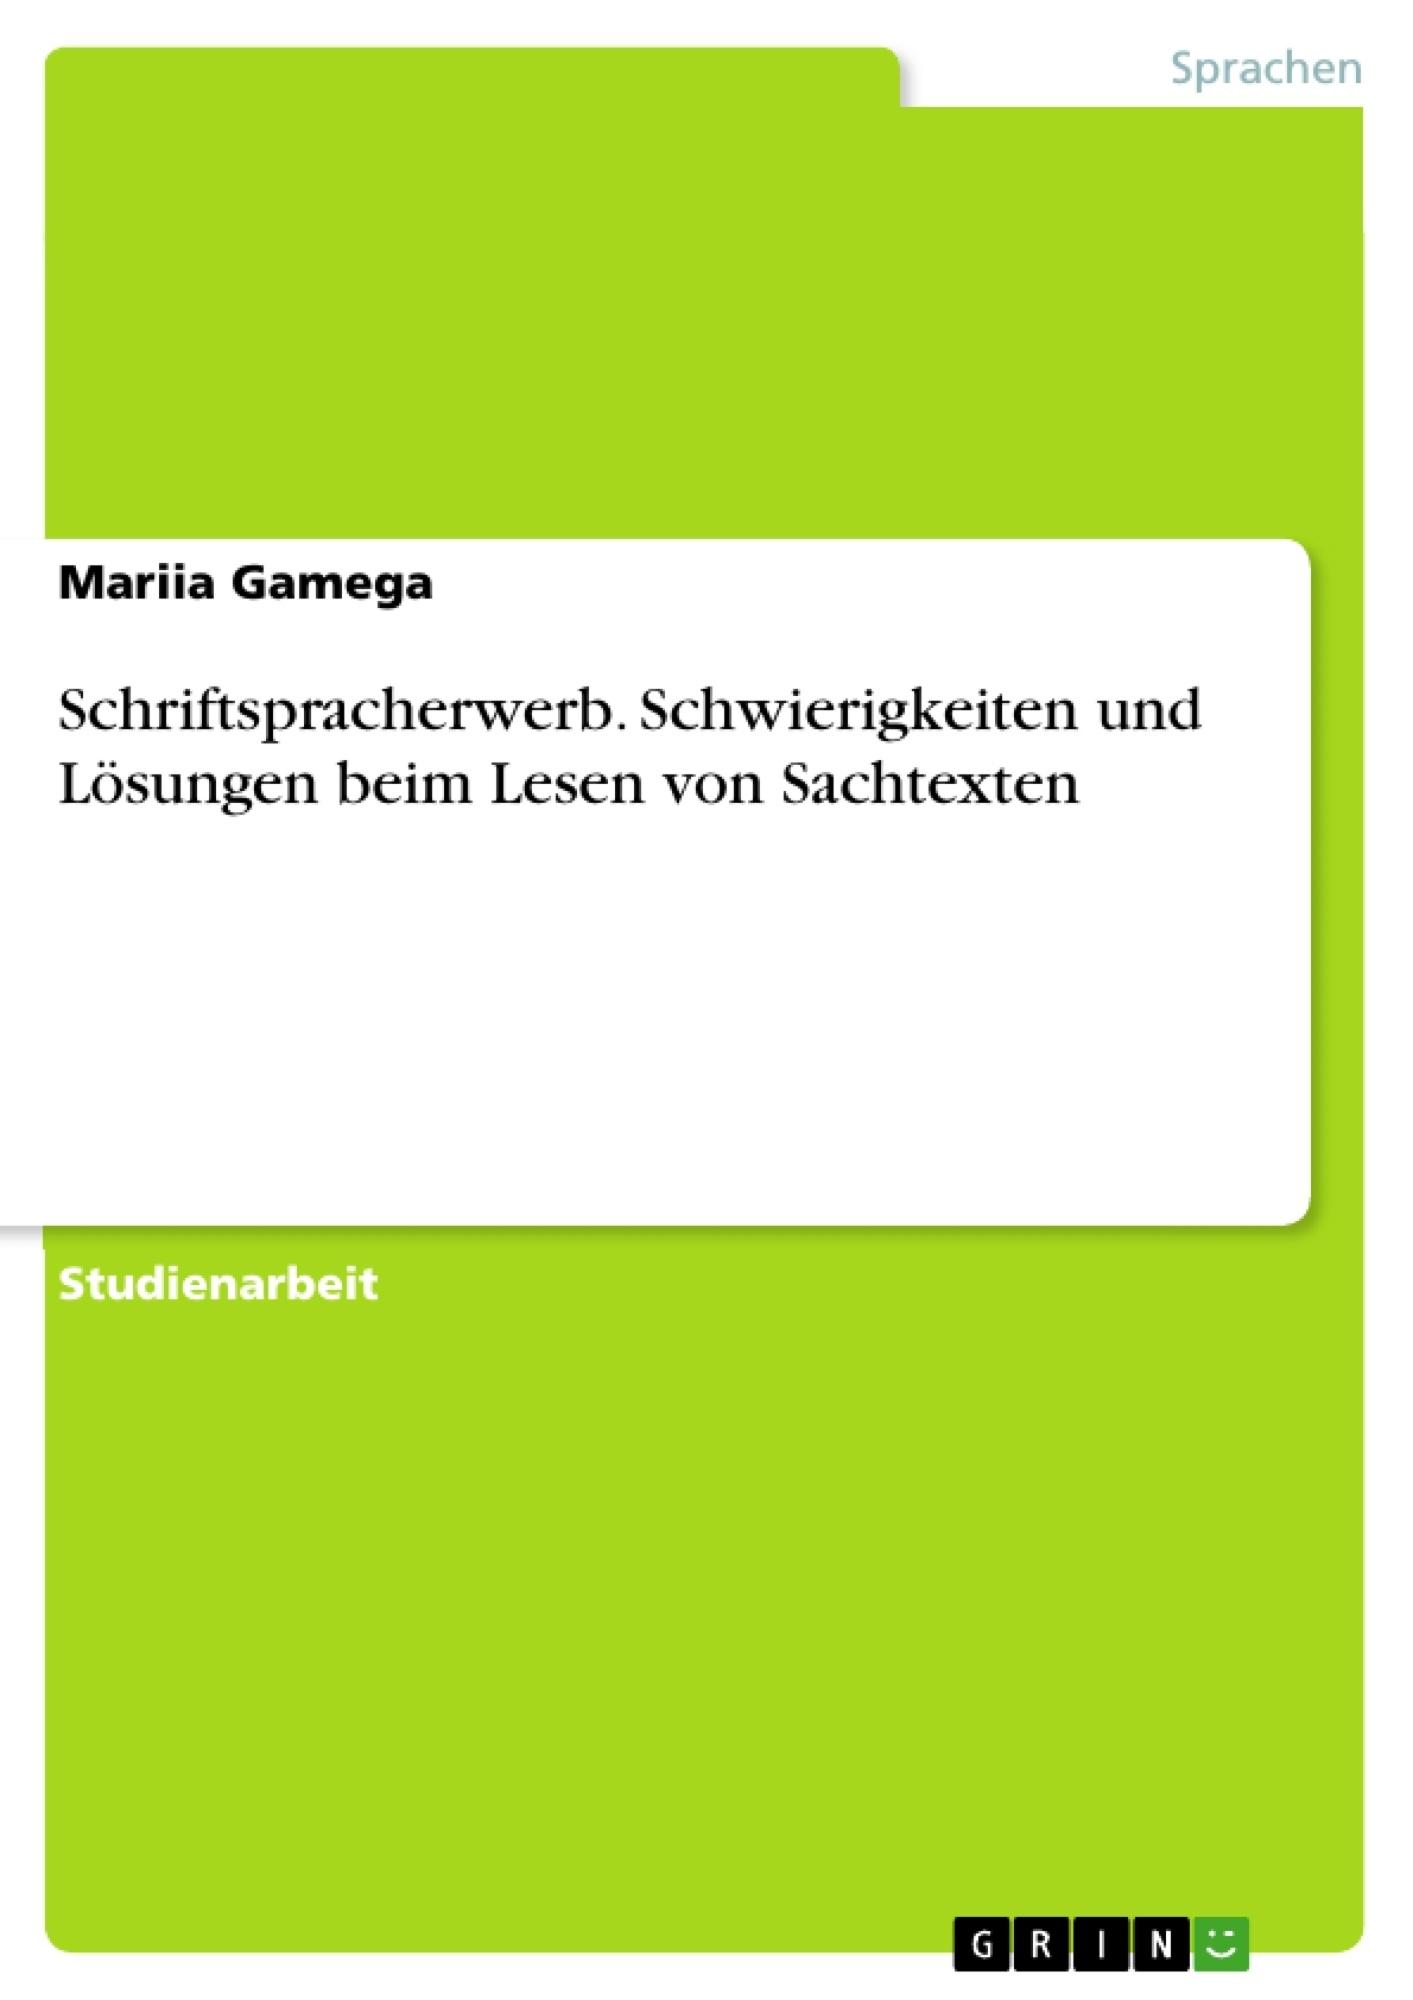 Titel: Schriftspracherwerb. Schwierigkeiten und Lösungen beim Lesen von Sachtexten